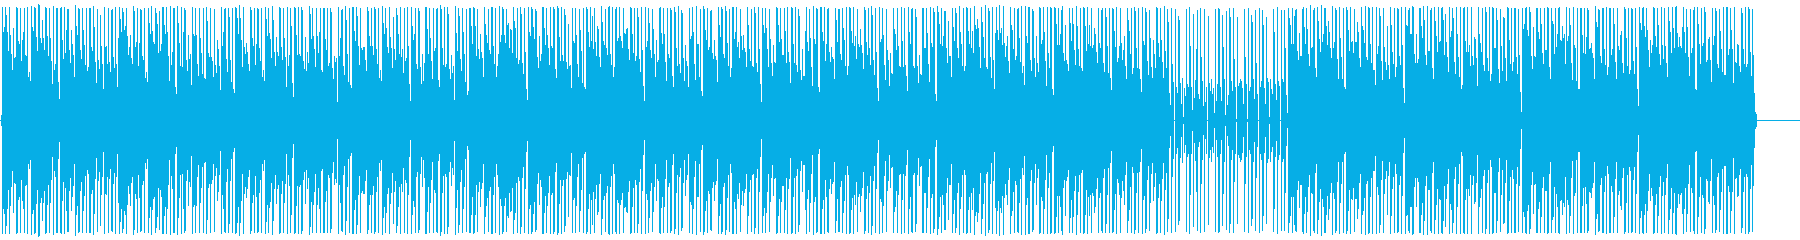 ヒップホップ/シンプル・王道/ギター/1の再生済みの波形